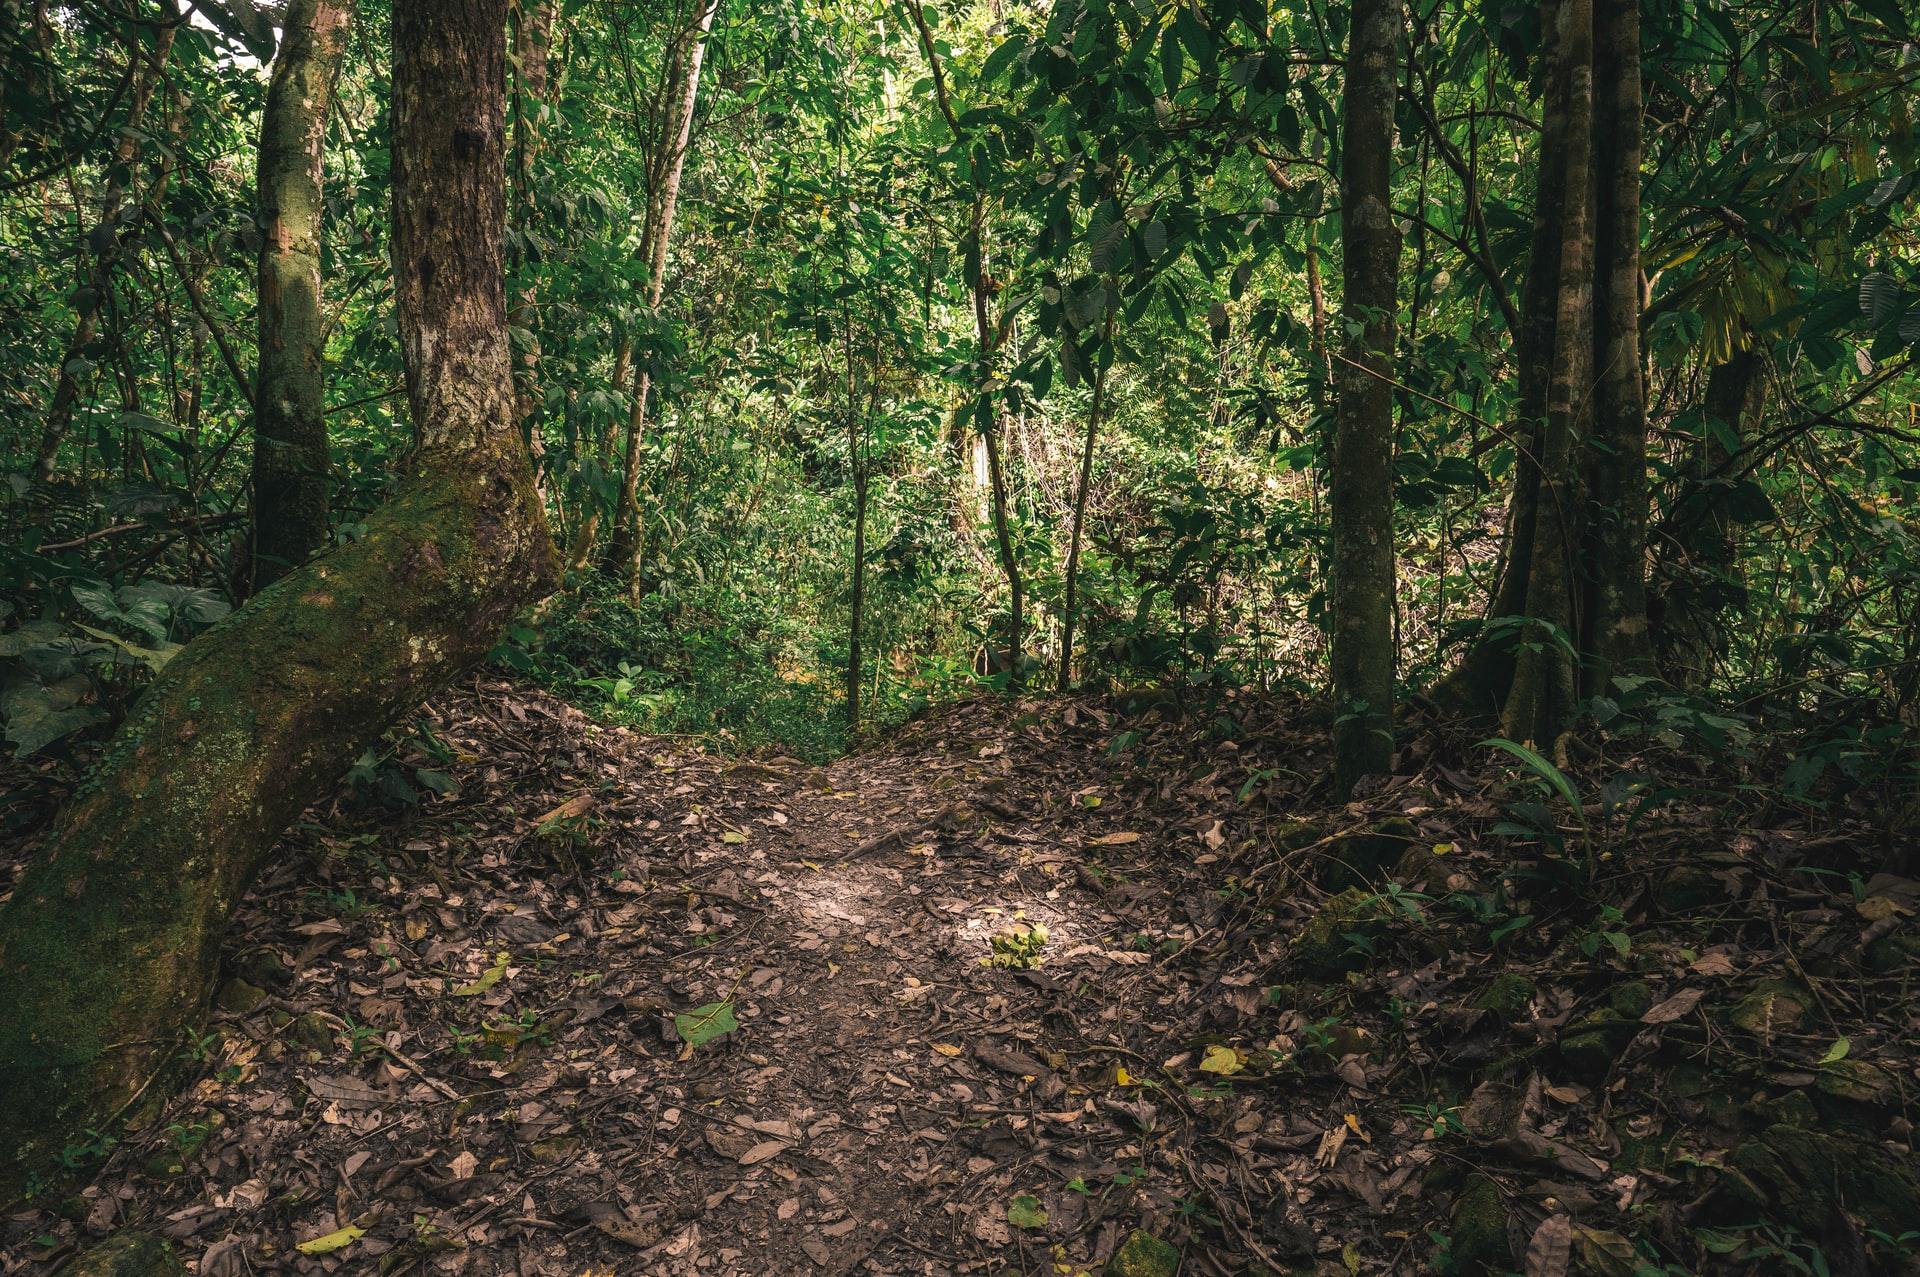 アマゾンにおける森林破壊の現状